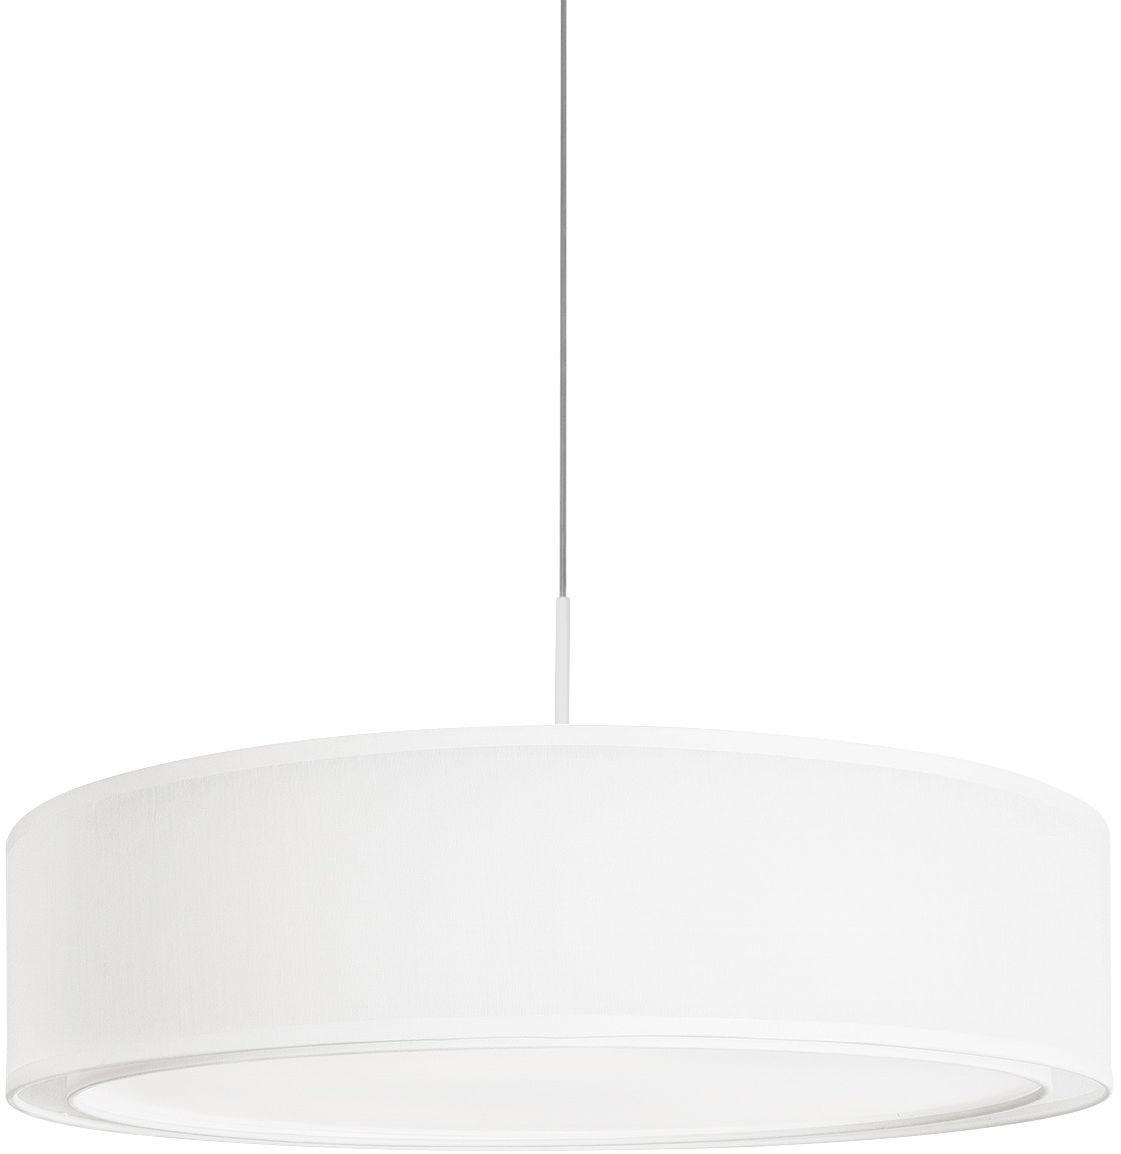 Lampa wisząca Mist 8942 Nowodvorski Lighting okrągła biała oprawa w nowoczesnym stylu